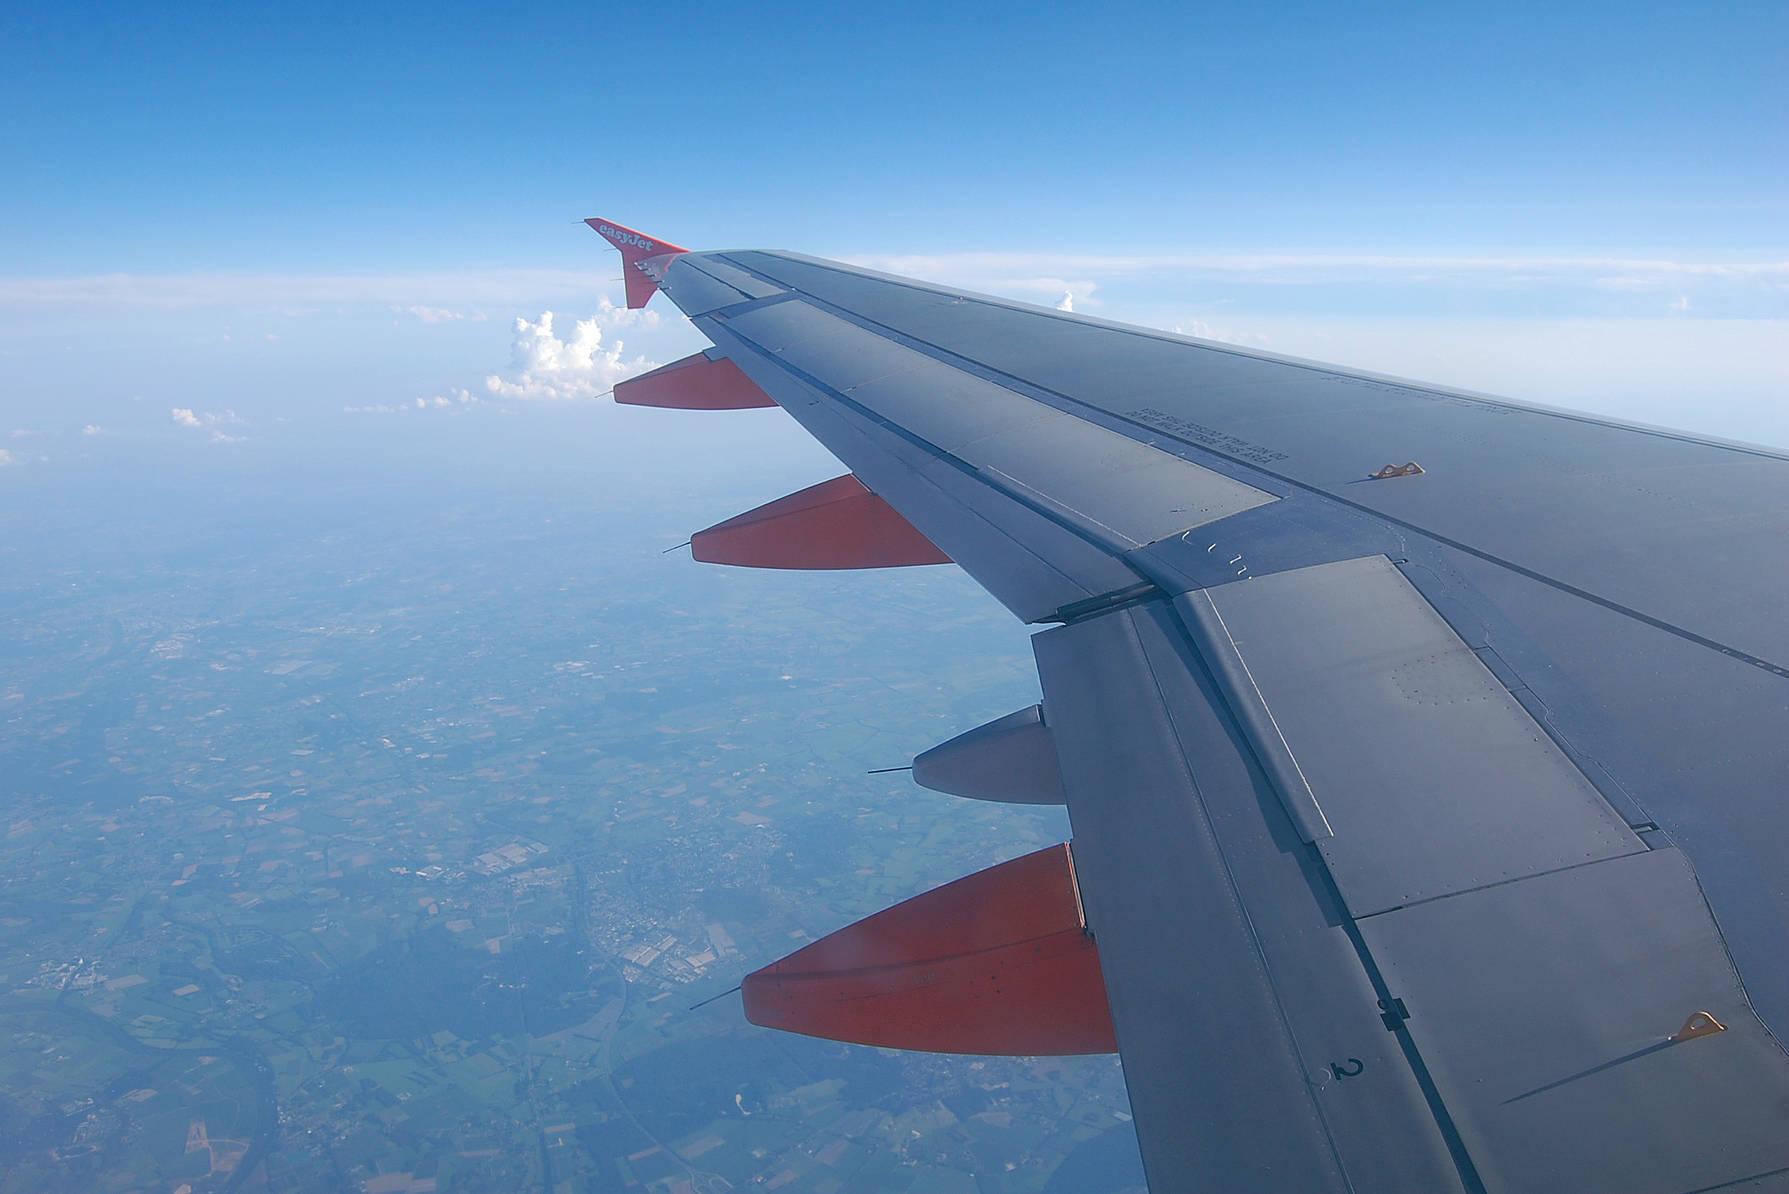 Flugzeugflügel